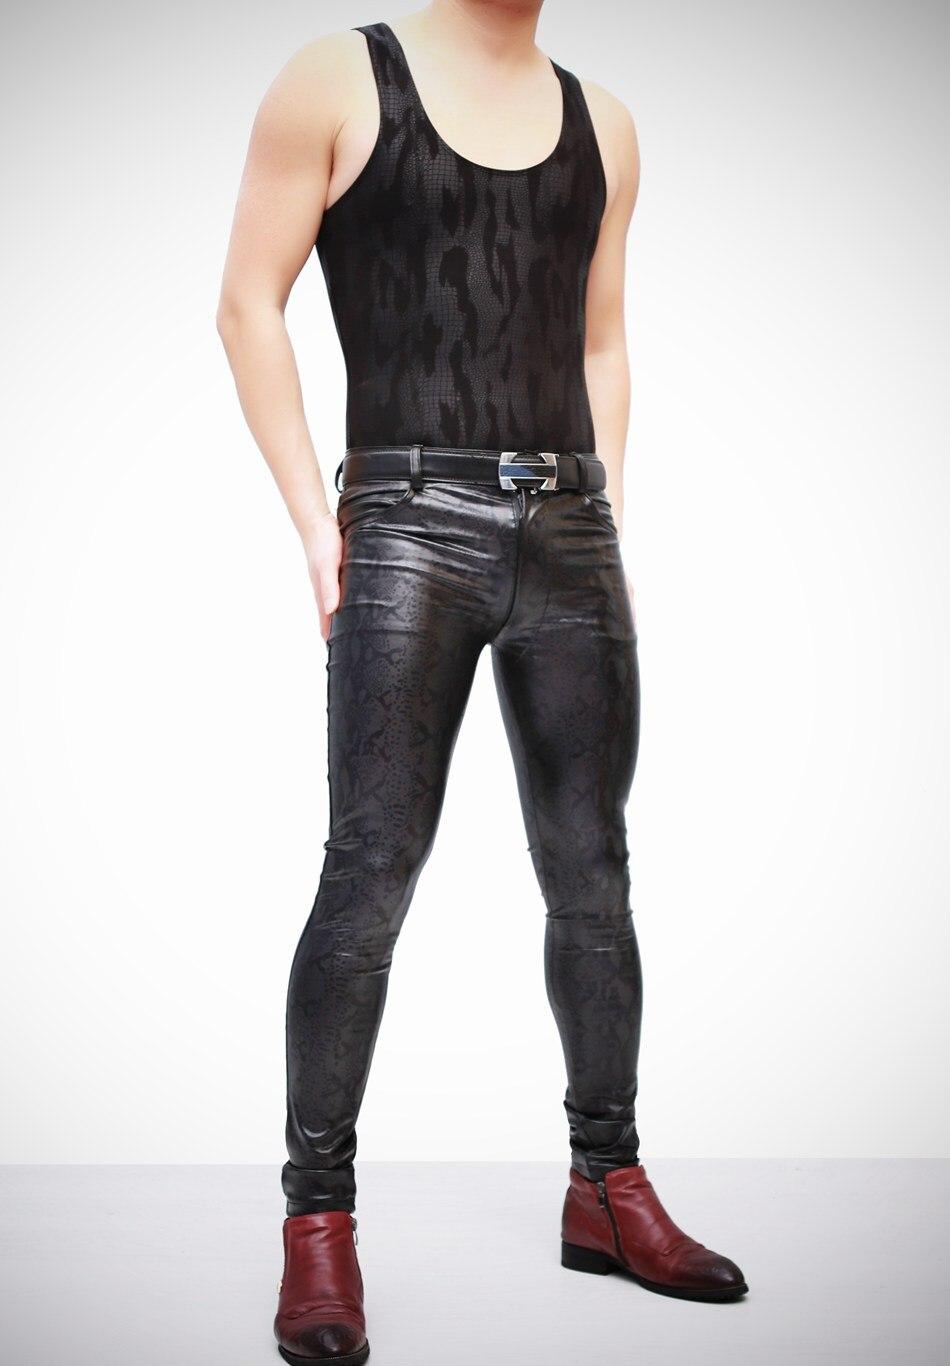 Ajustados Con Negro Serpiente Cuero Para Hombre Elásticos Elegante Atractivos Imitación Estampado Pantalones Nuevo De pgZxUwqZF